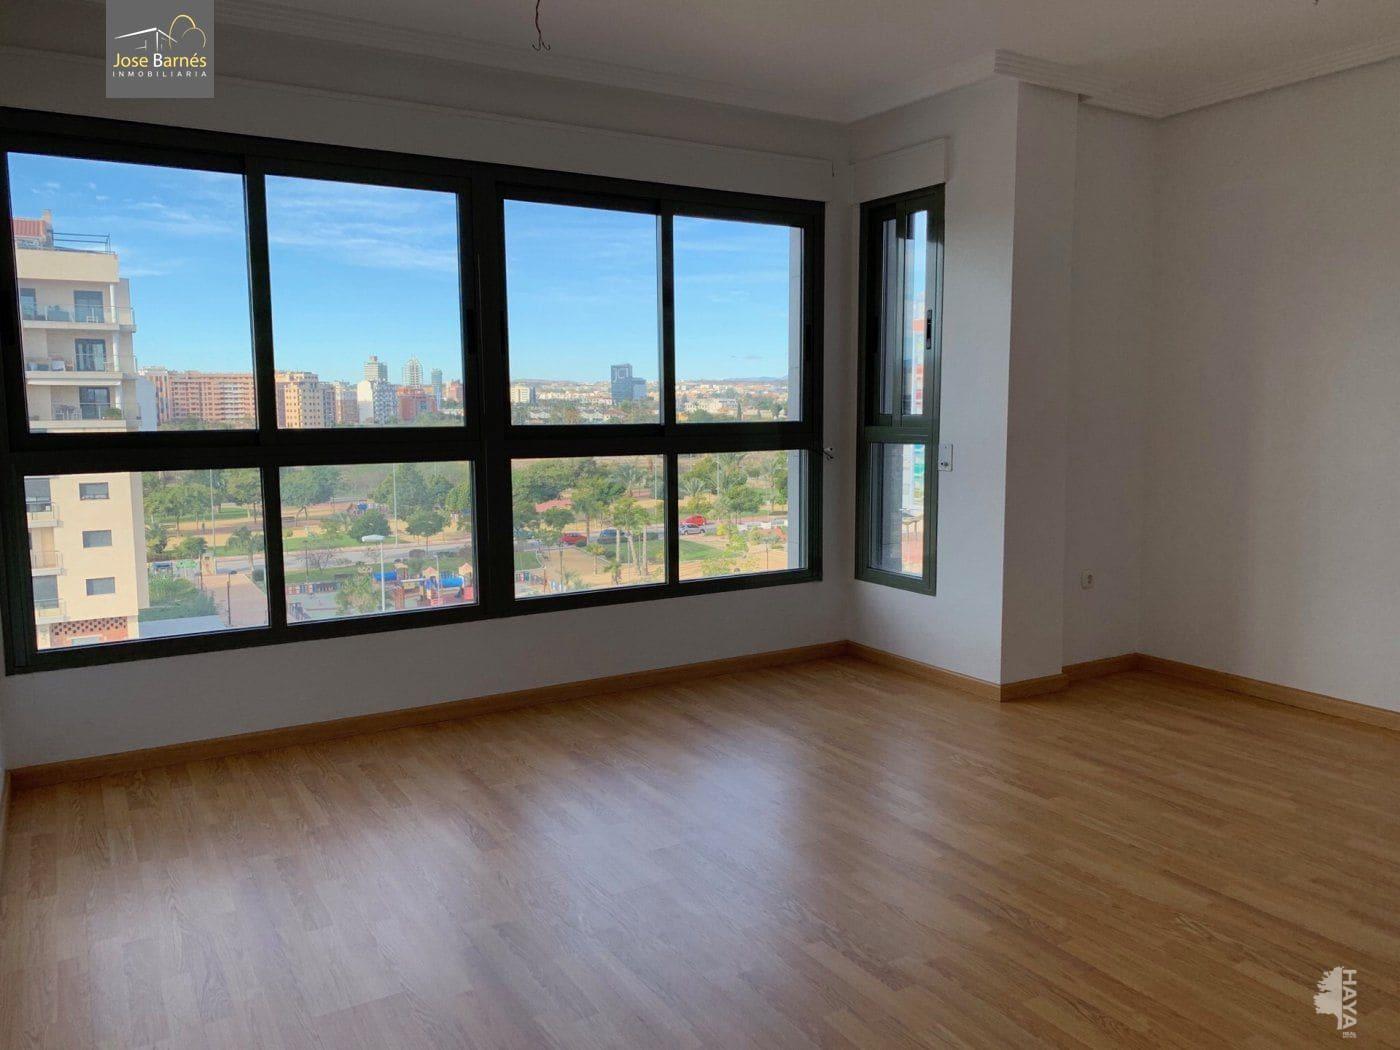 Piso en venta en Murcia, Murcia, Calle Miguel Vivancos, 164.000 €, 1 baño, 74 m2